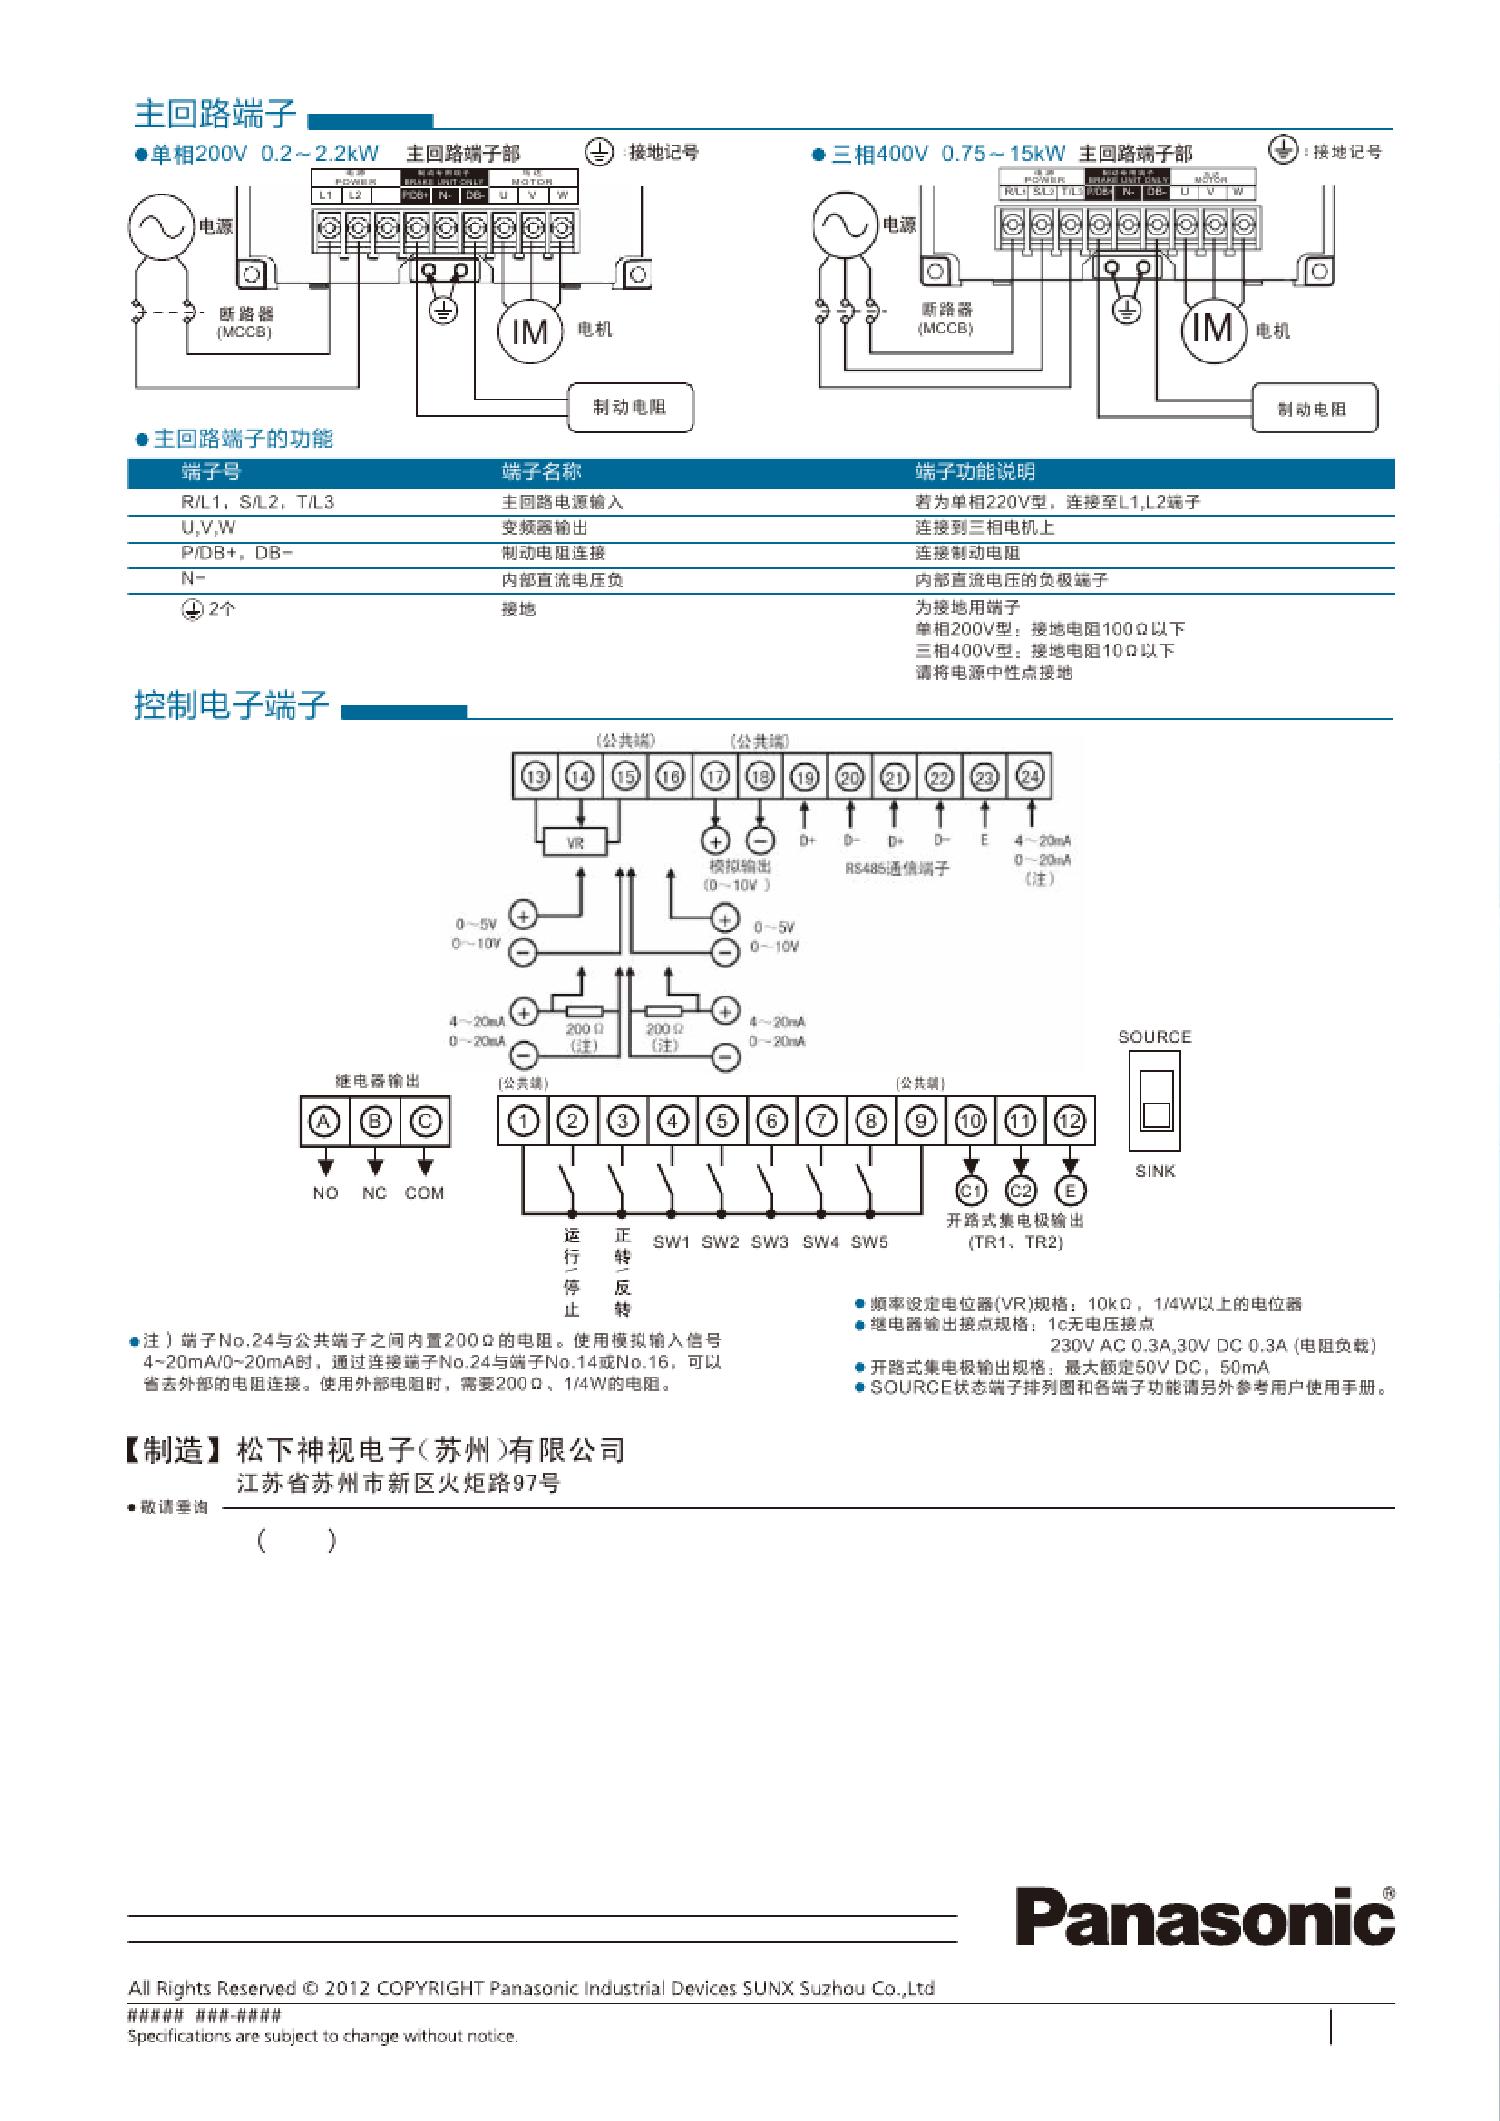 松下變頻器avf200-1104